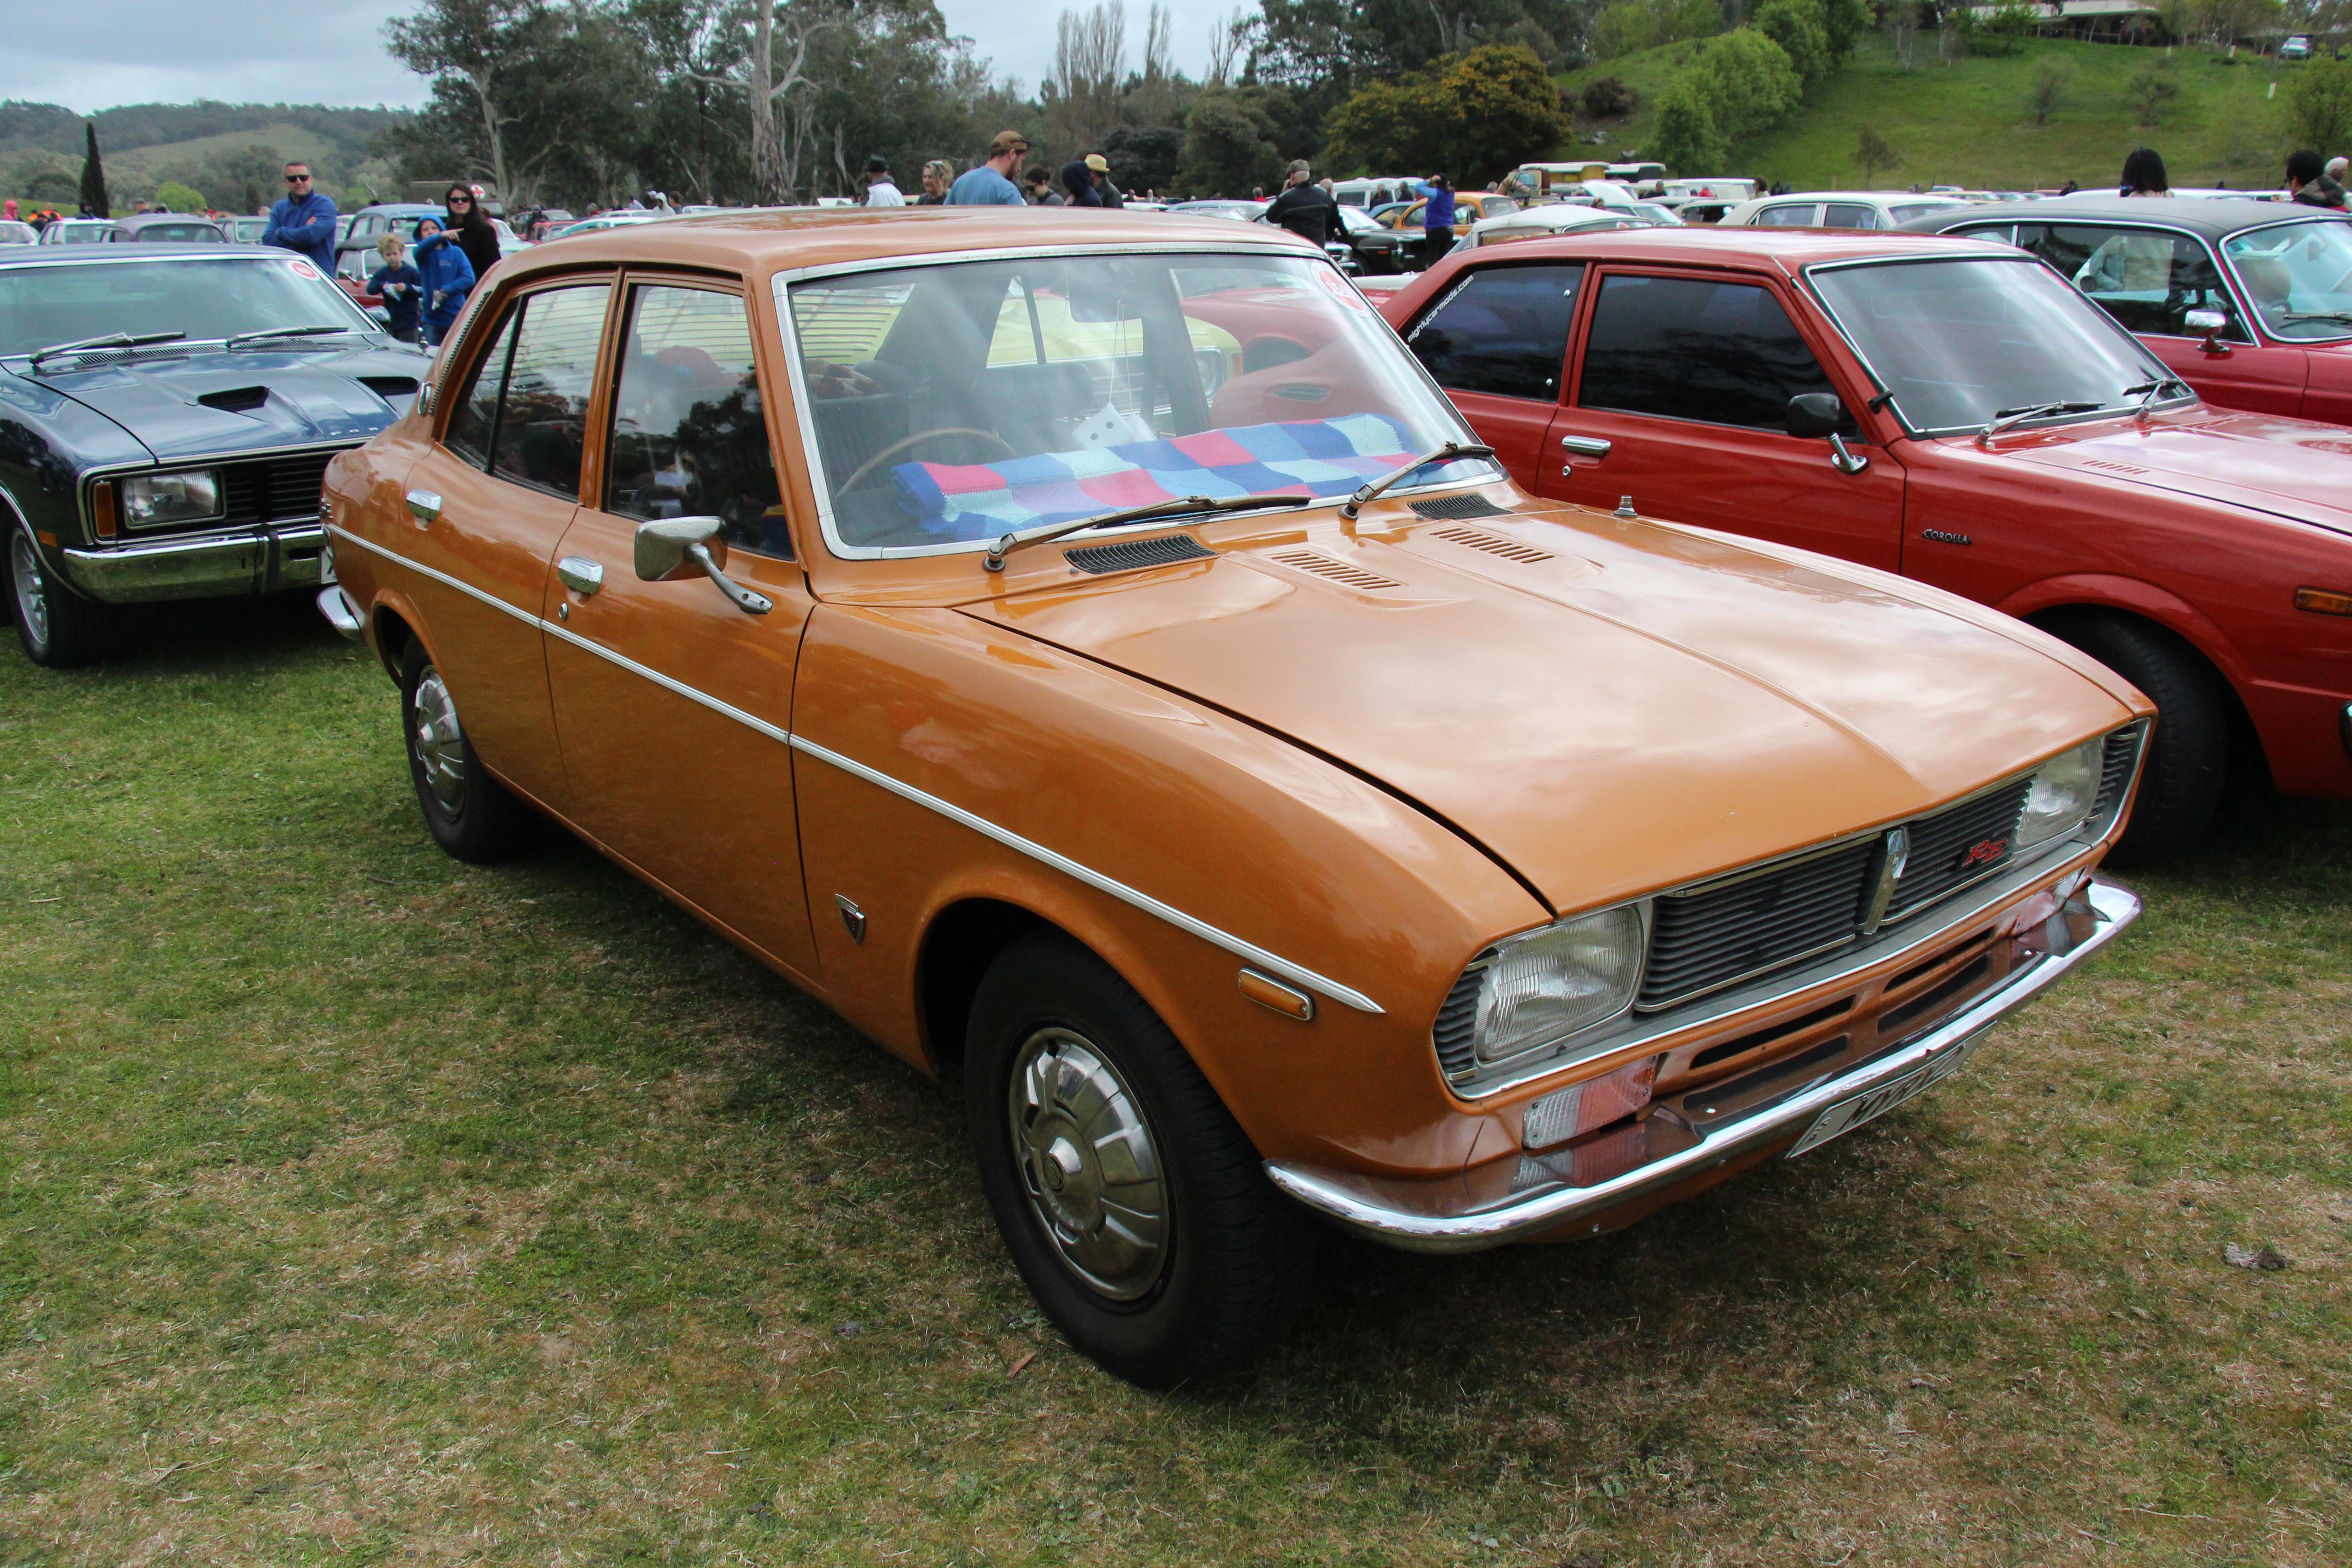 1971 Mazda Rx2: File:1971 Mazda RX2 Sedan (36688620914).jpg